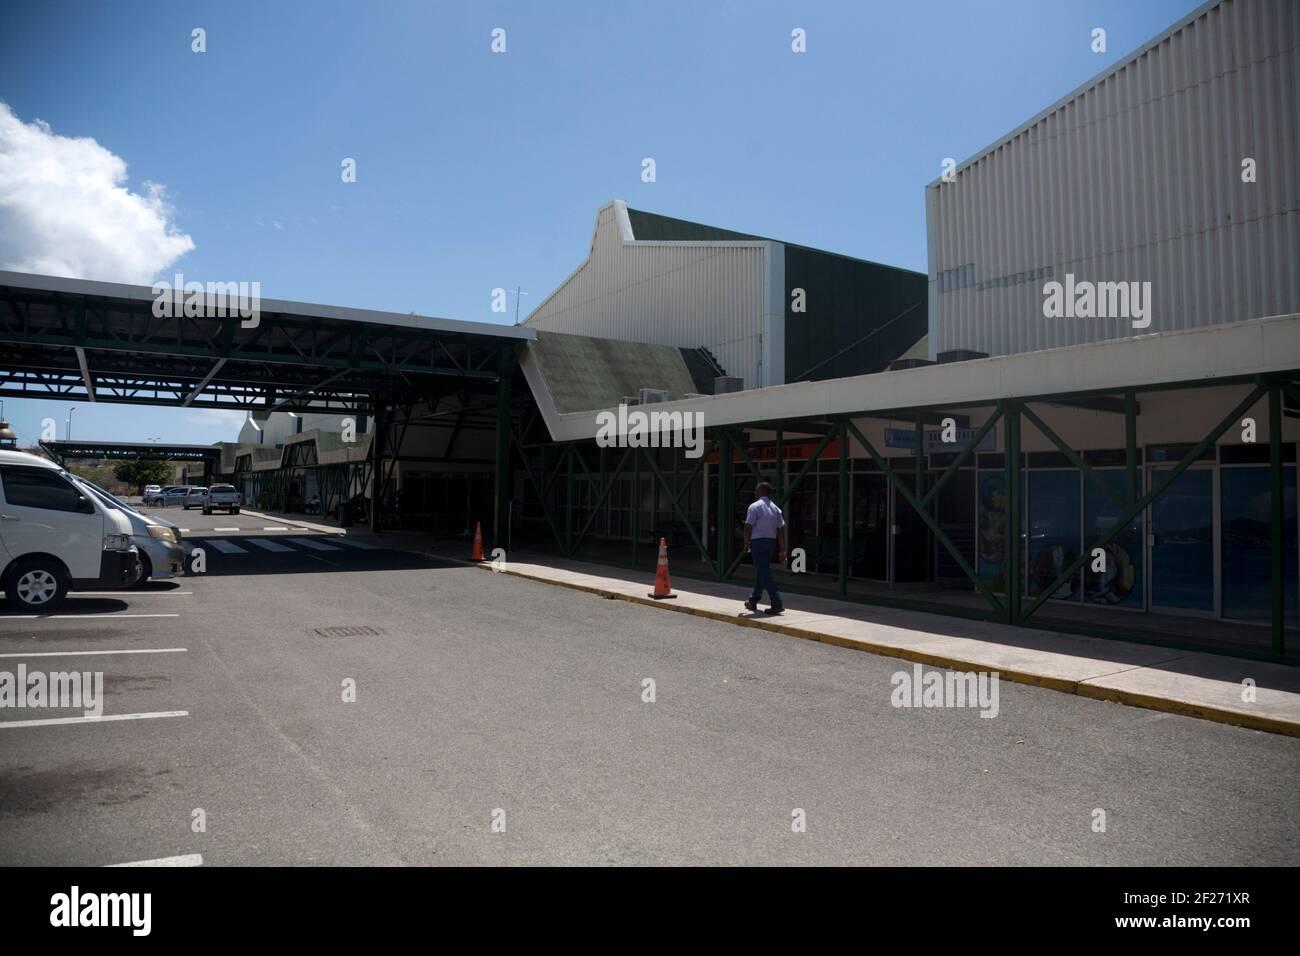 maurice bishop international aéroport st george grenade vents îles à l'ouest indies Banque D'Images